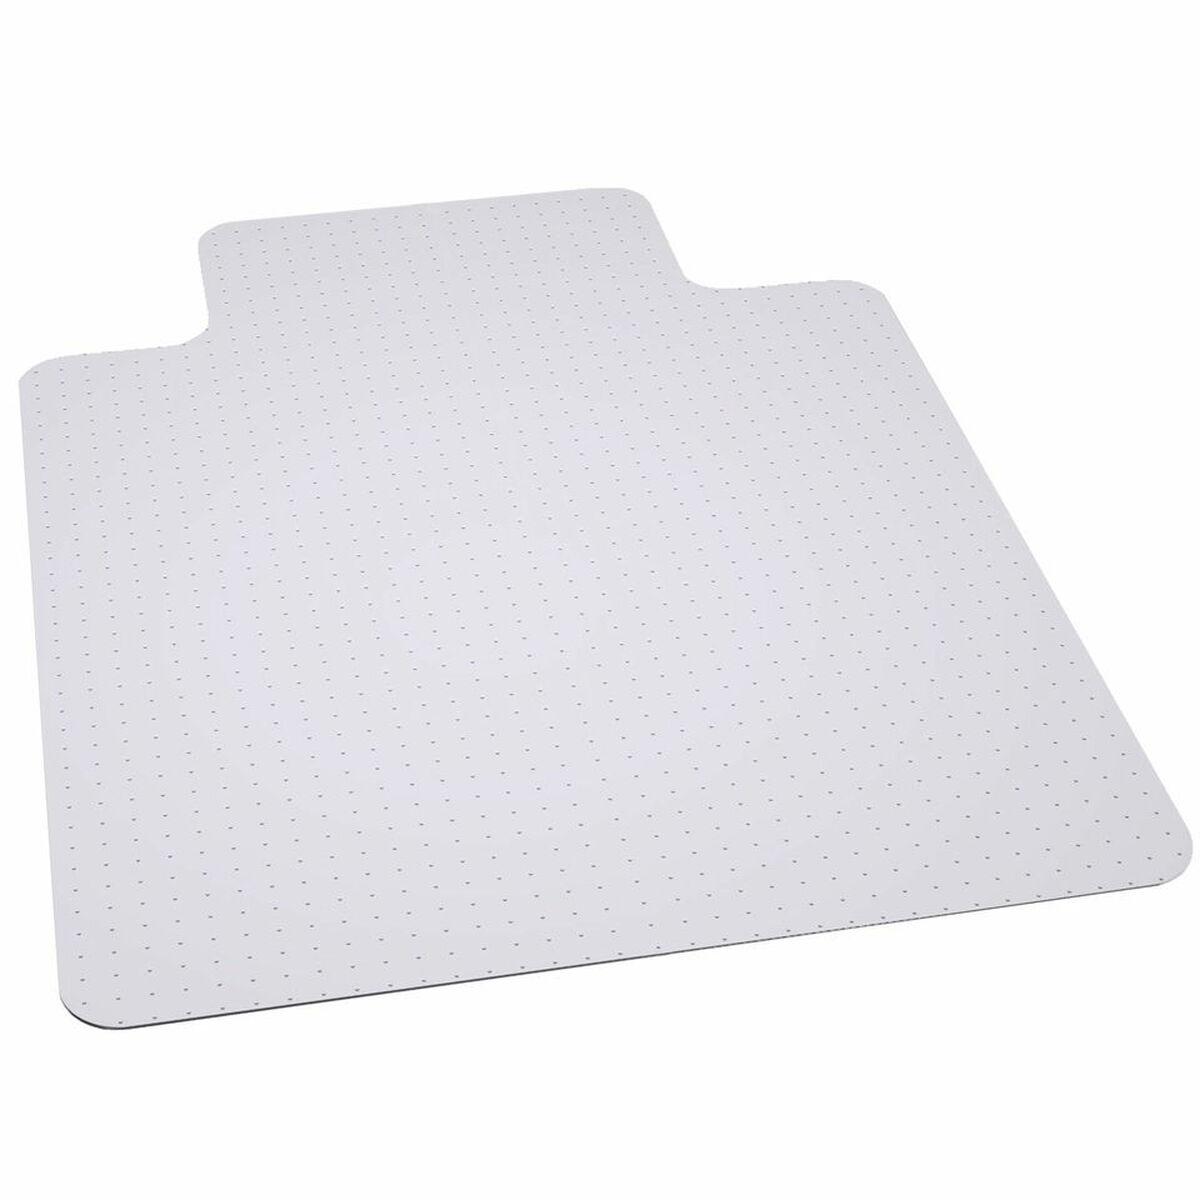 45x53 big tall clear chair mat mat 124164 gg bizchair com